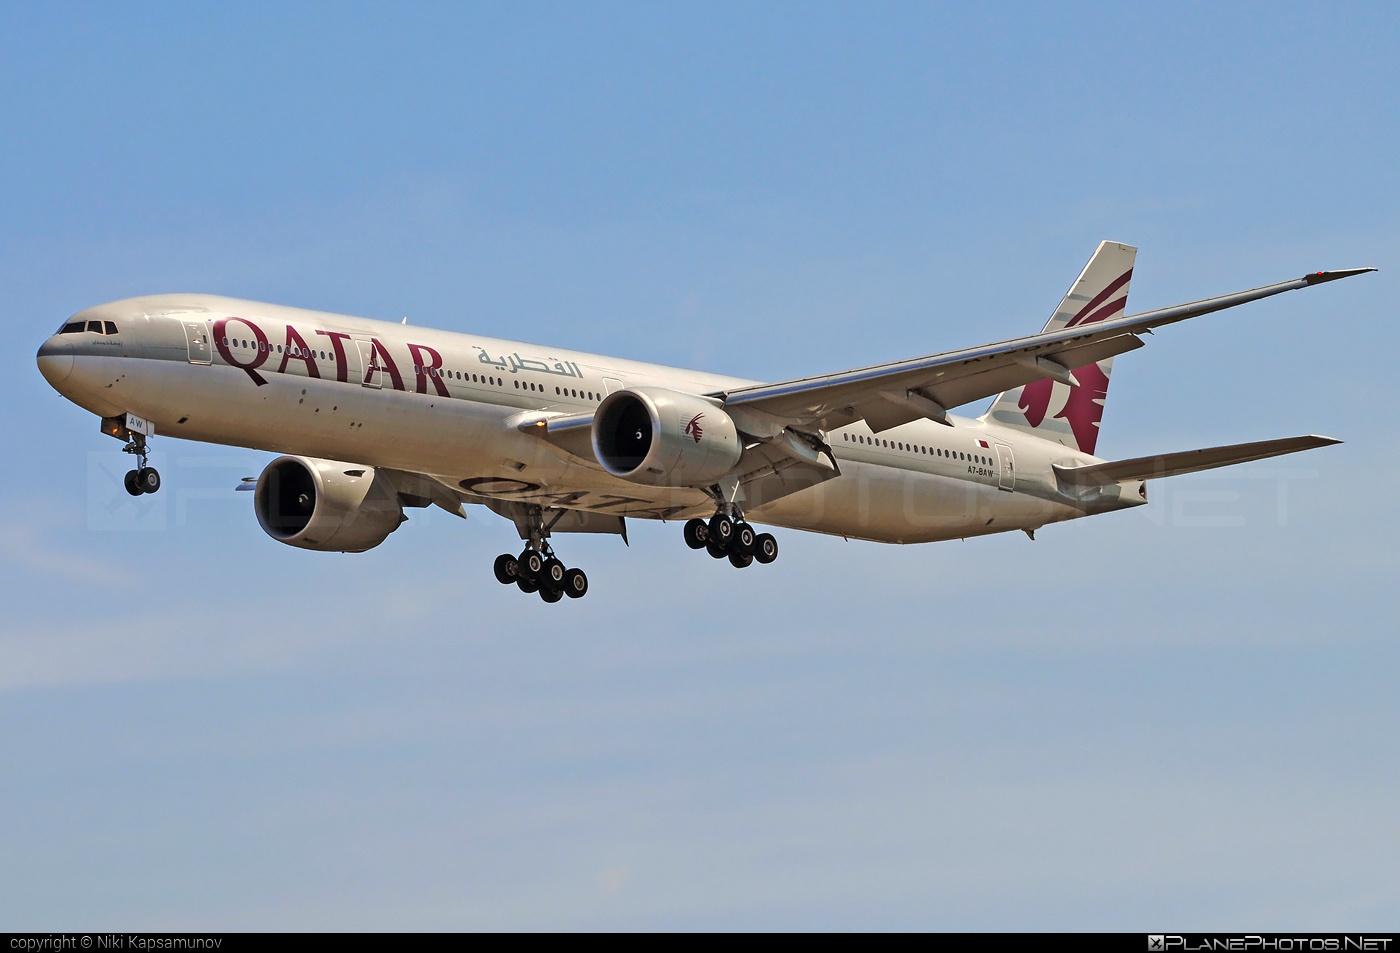 Boeing 777-300ER - A7-BAW operated by Qatar Airways #b777 #b777er #boeing #boeing777 #qatarairways #tripleseven